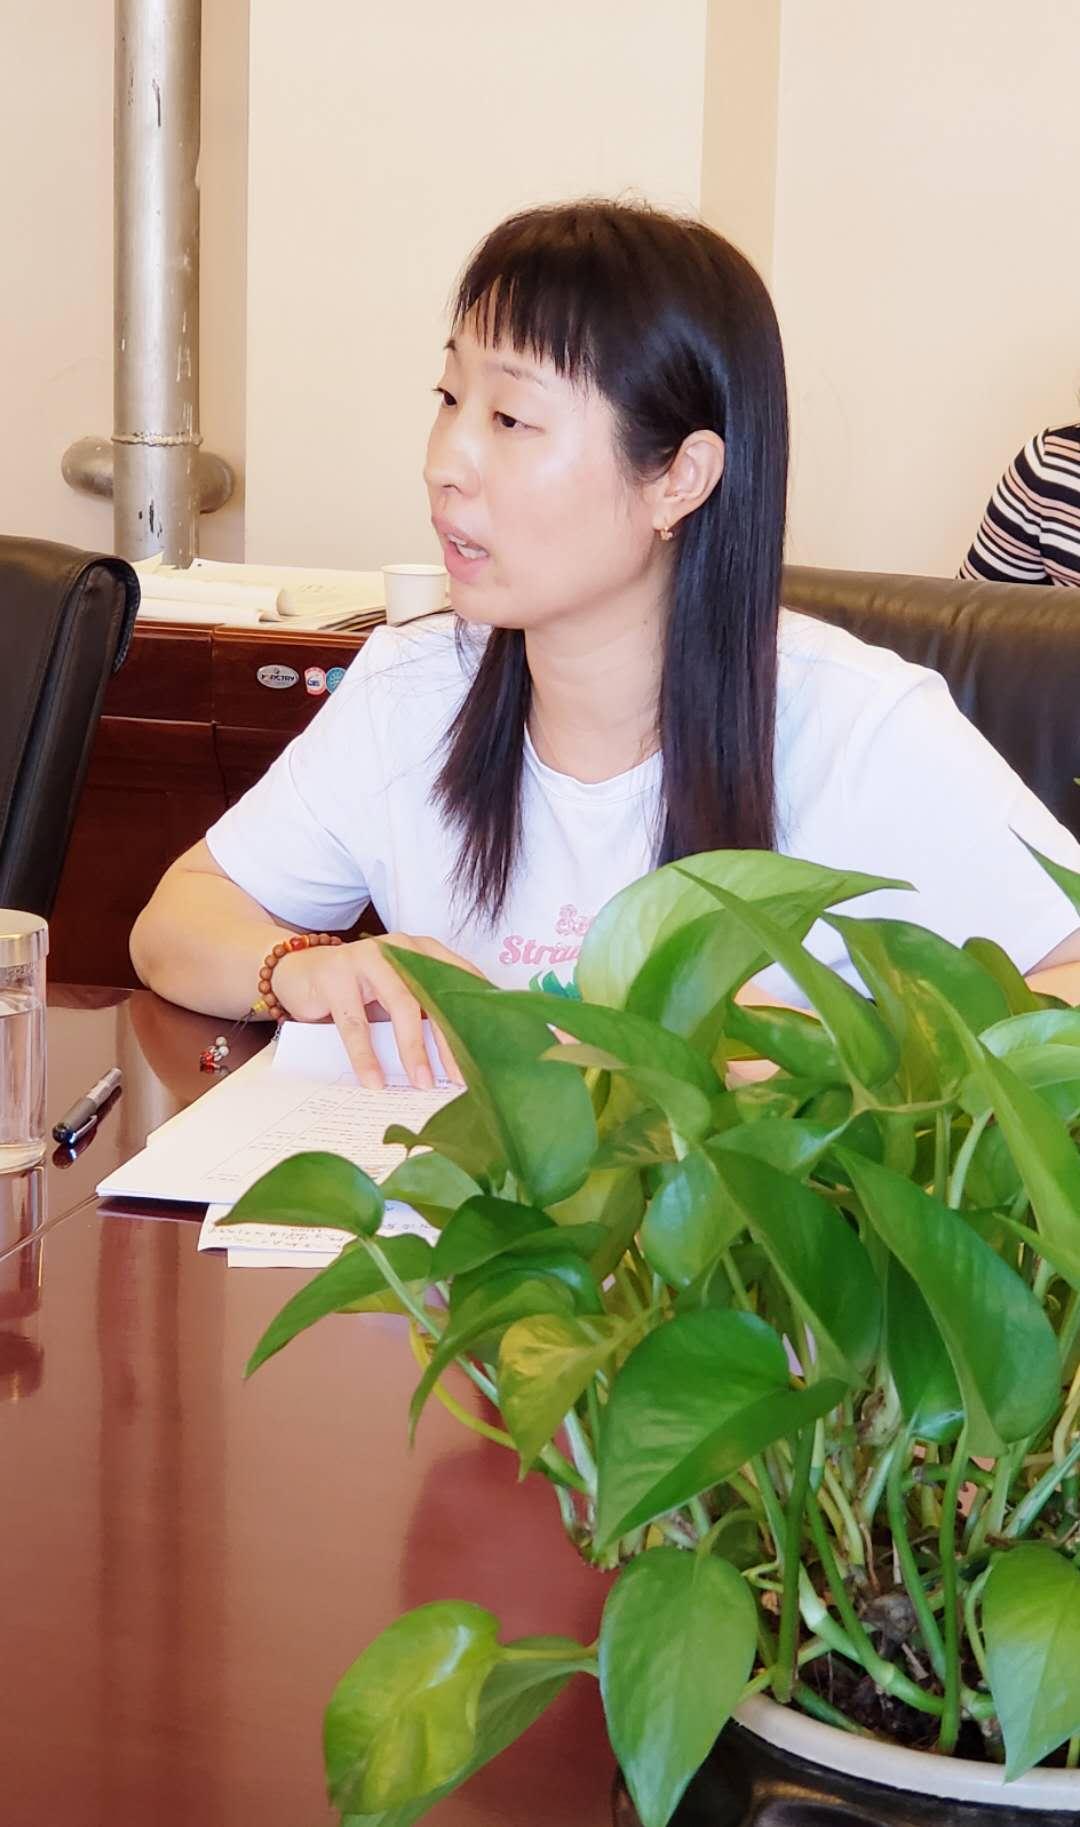 李敬老师就一年级新生入学教育培训及第一天报道相关工作进行解读.jpg